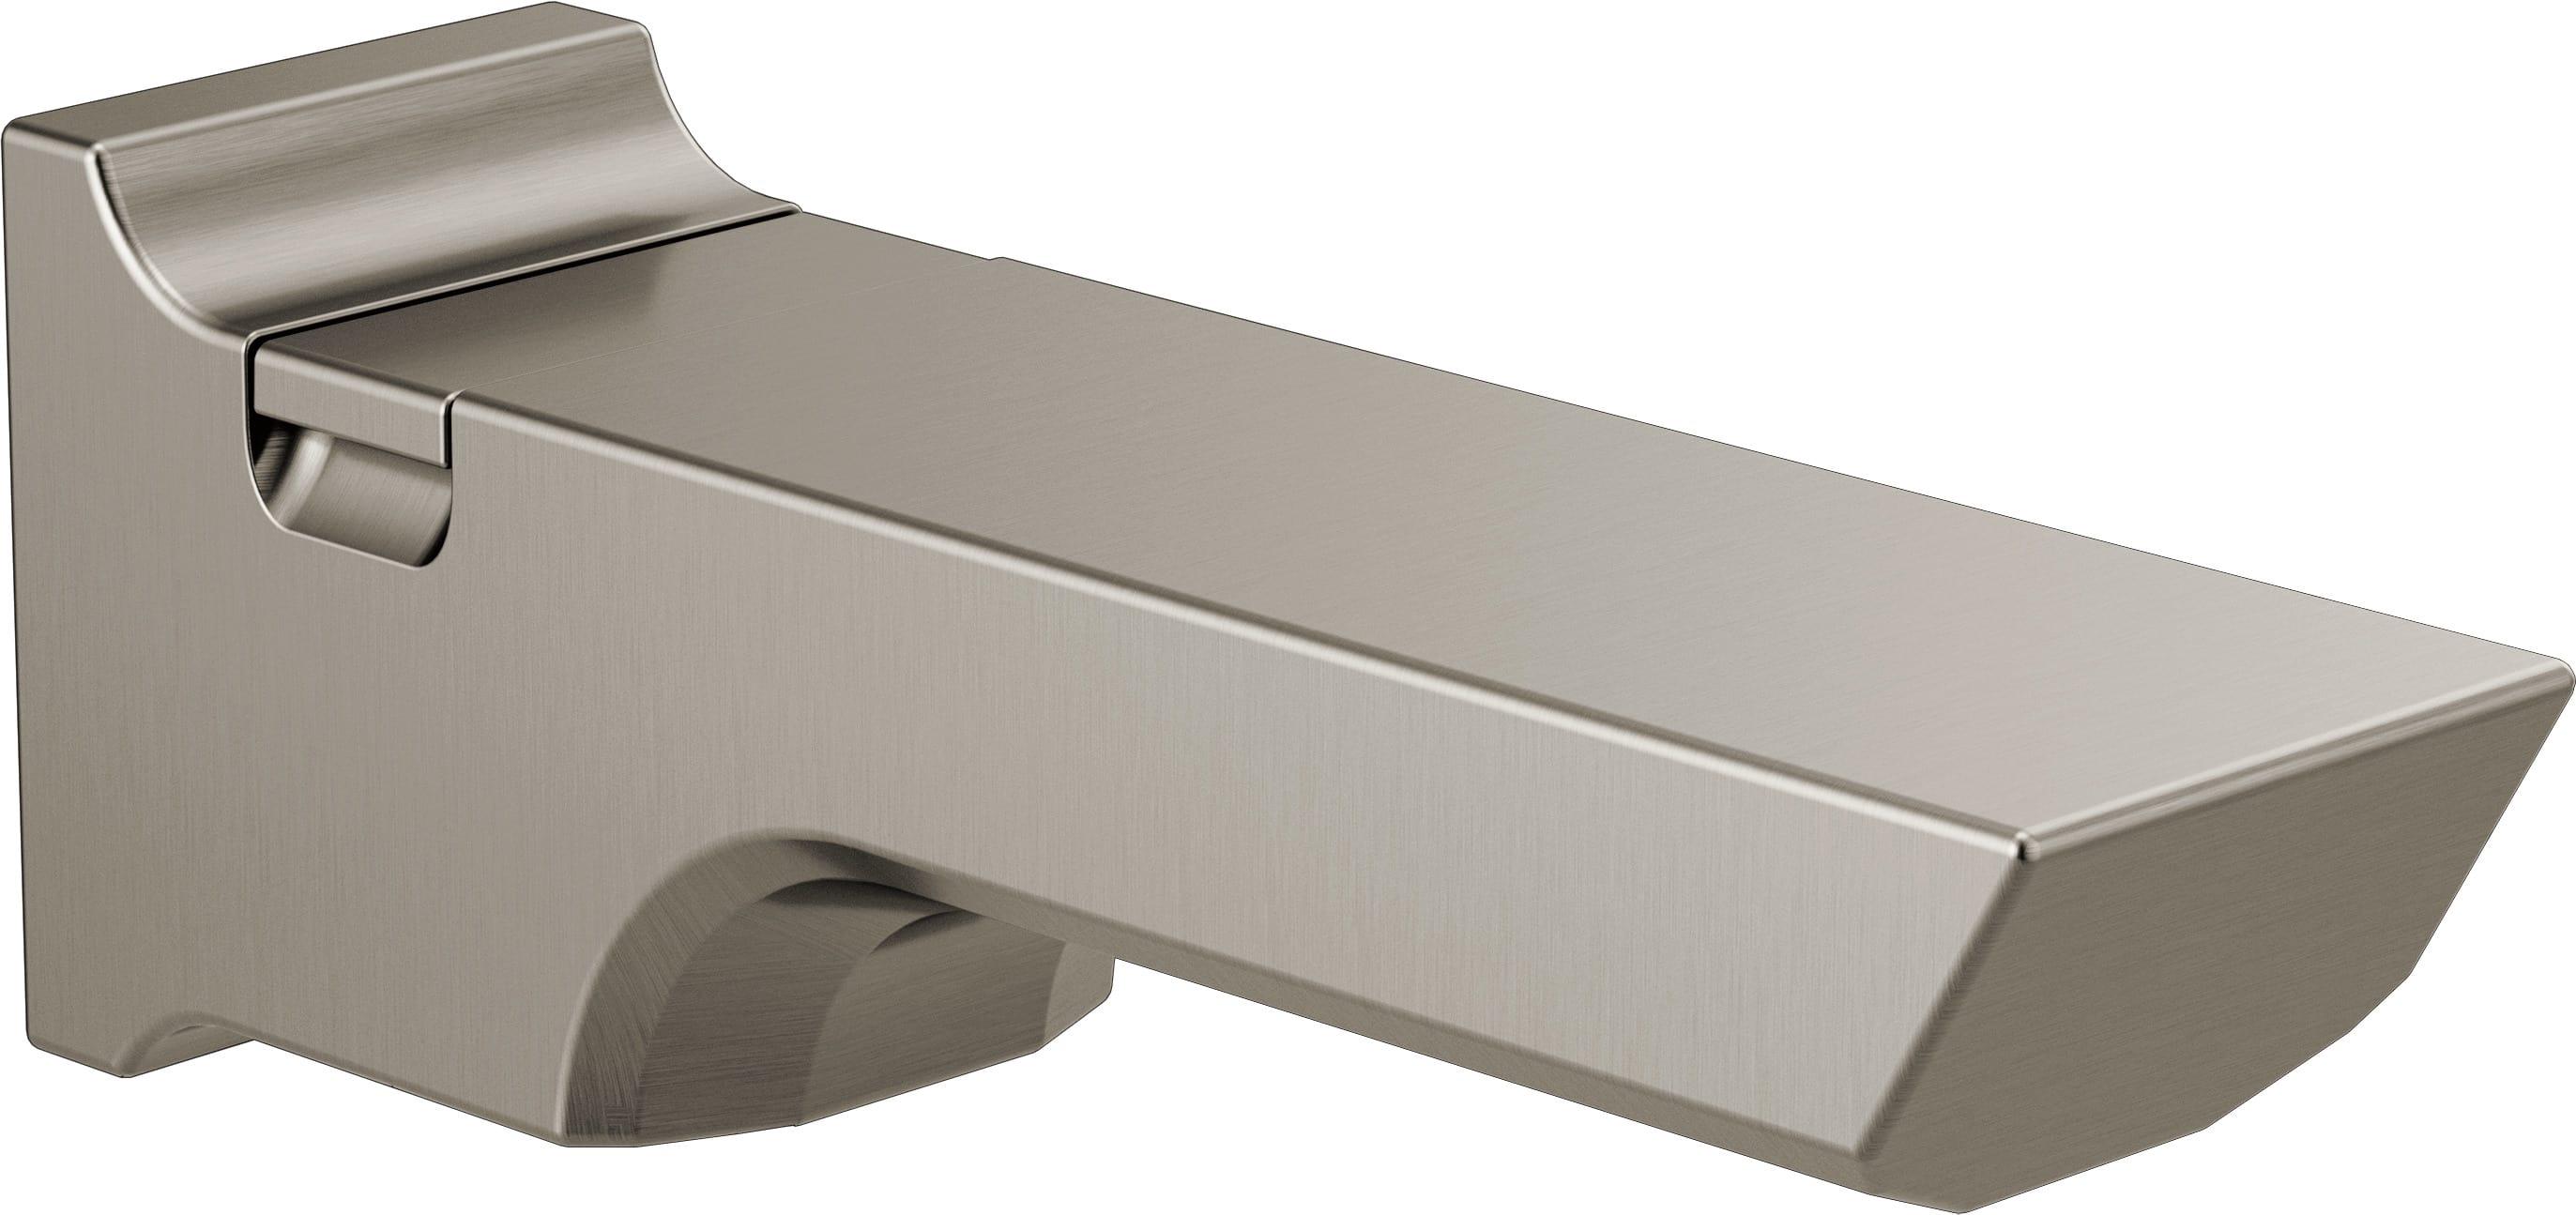 Delta Faucet RP90158BL Pivotal Diverter Tub Spout Matte Black,